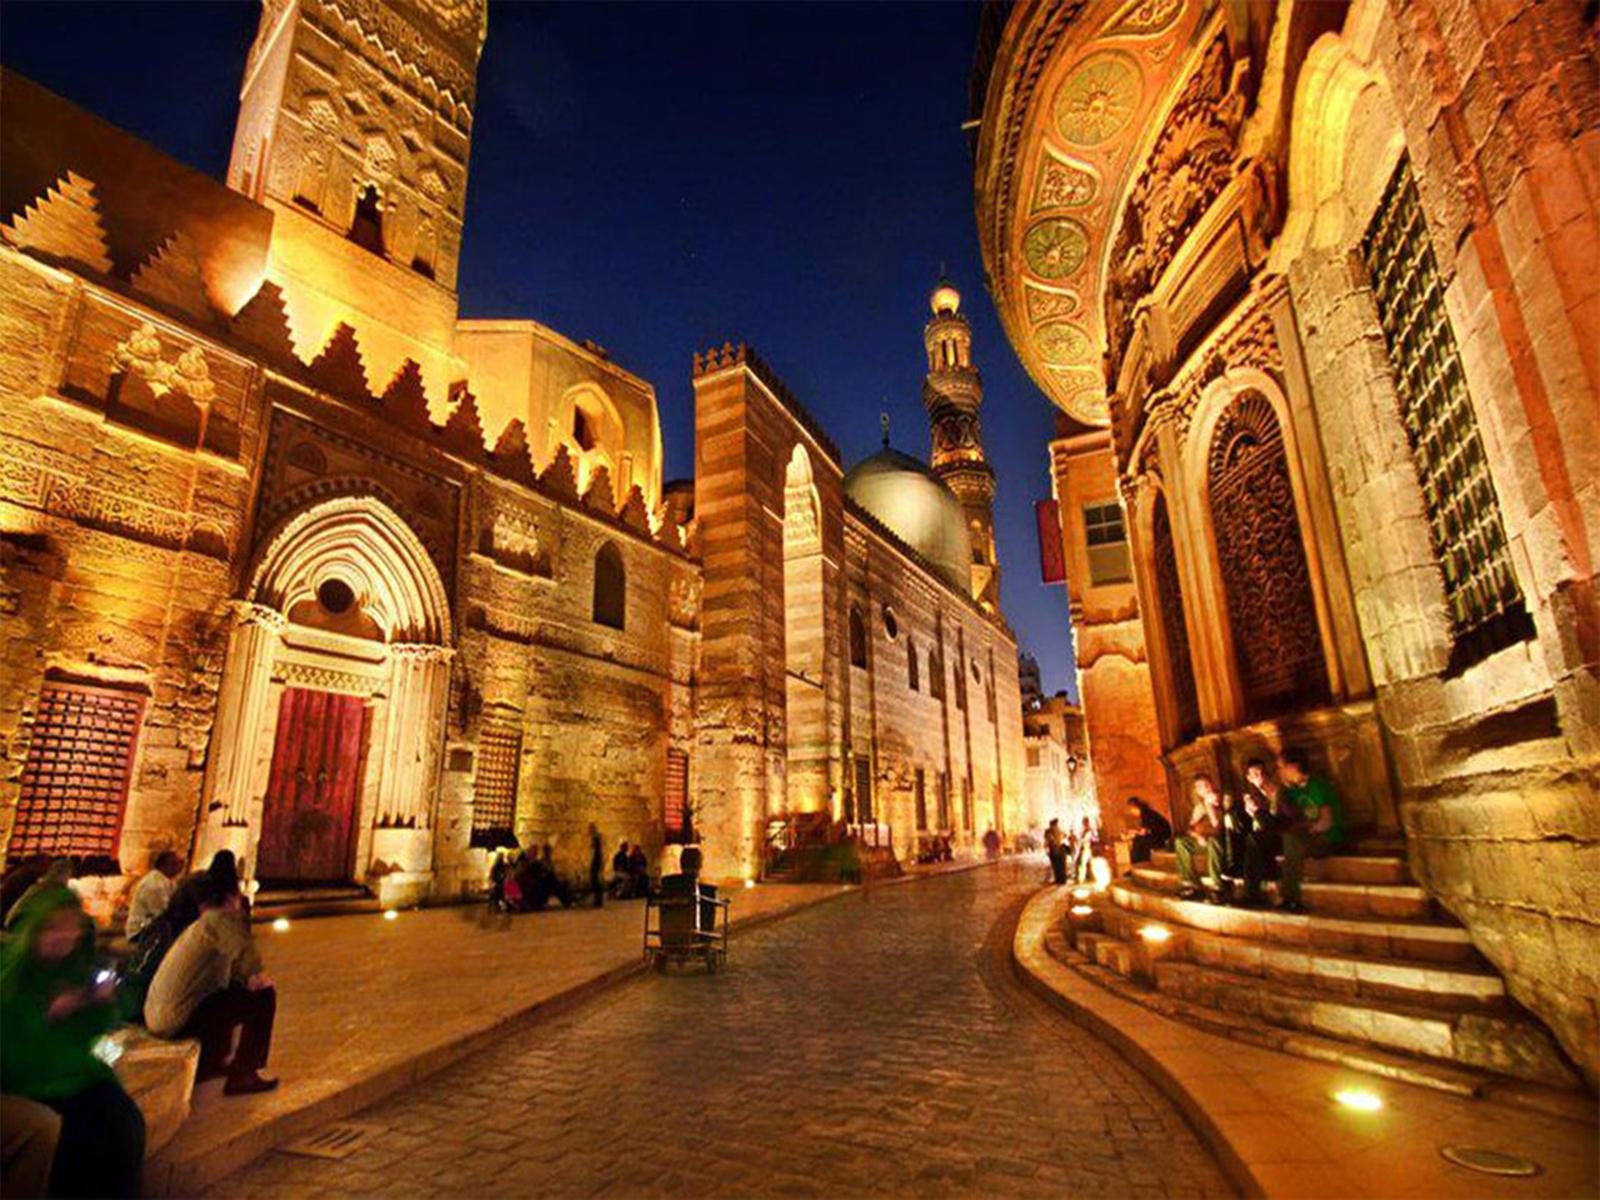 أجمل 15 من أماكن السياحة في مصر أم الدنيا 2020 روائع السفر